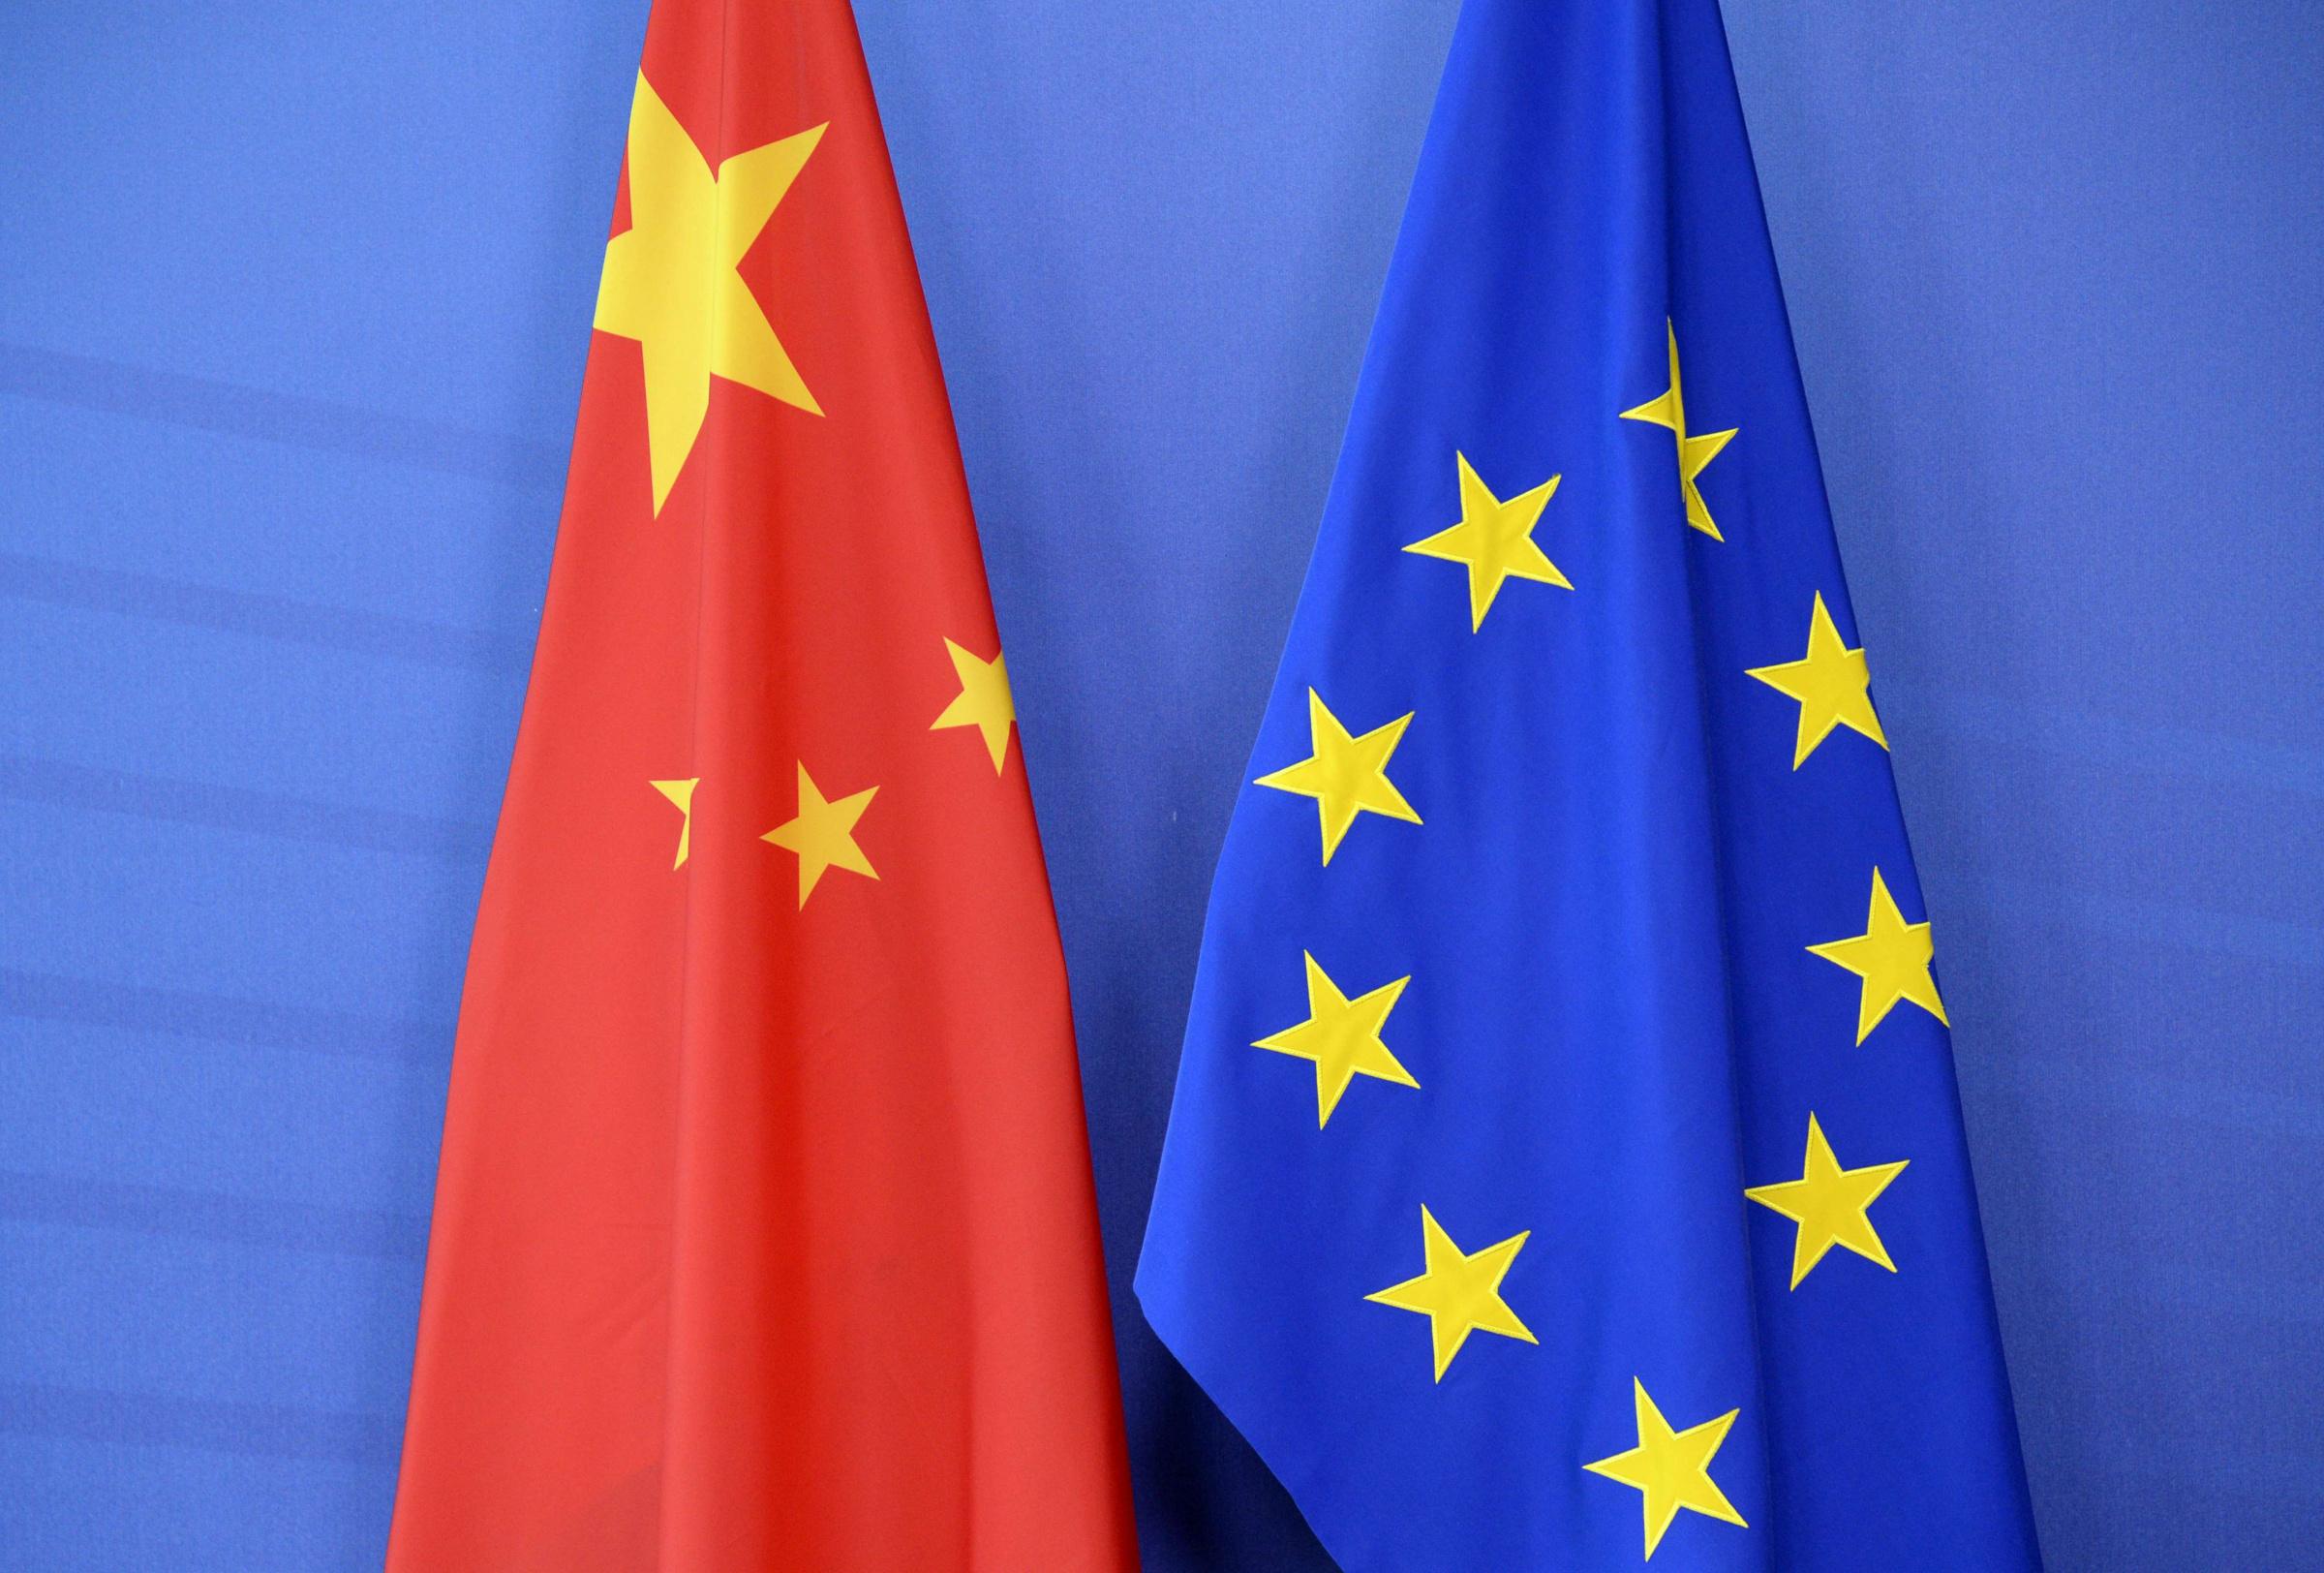 Hiina, Euroopa Liit ja kaubandussuhted. Foto: AFP/THIERRY CHARLIER